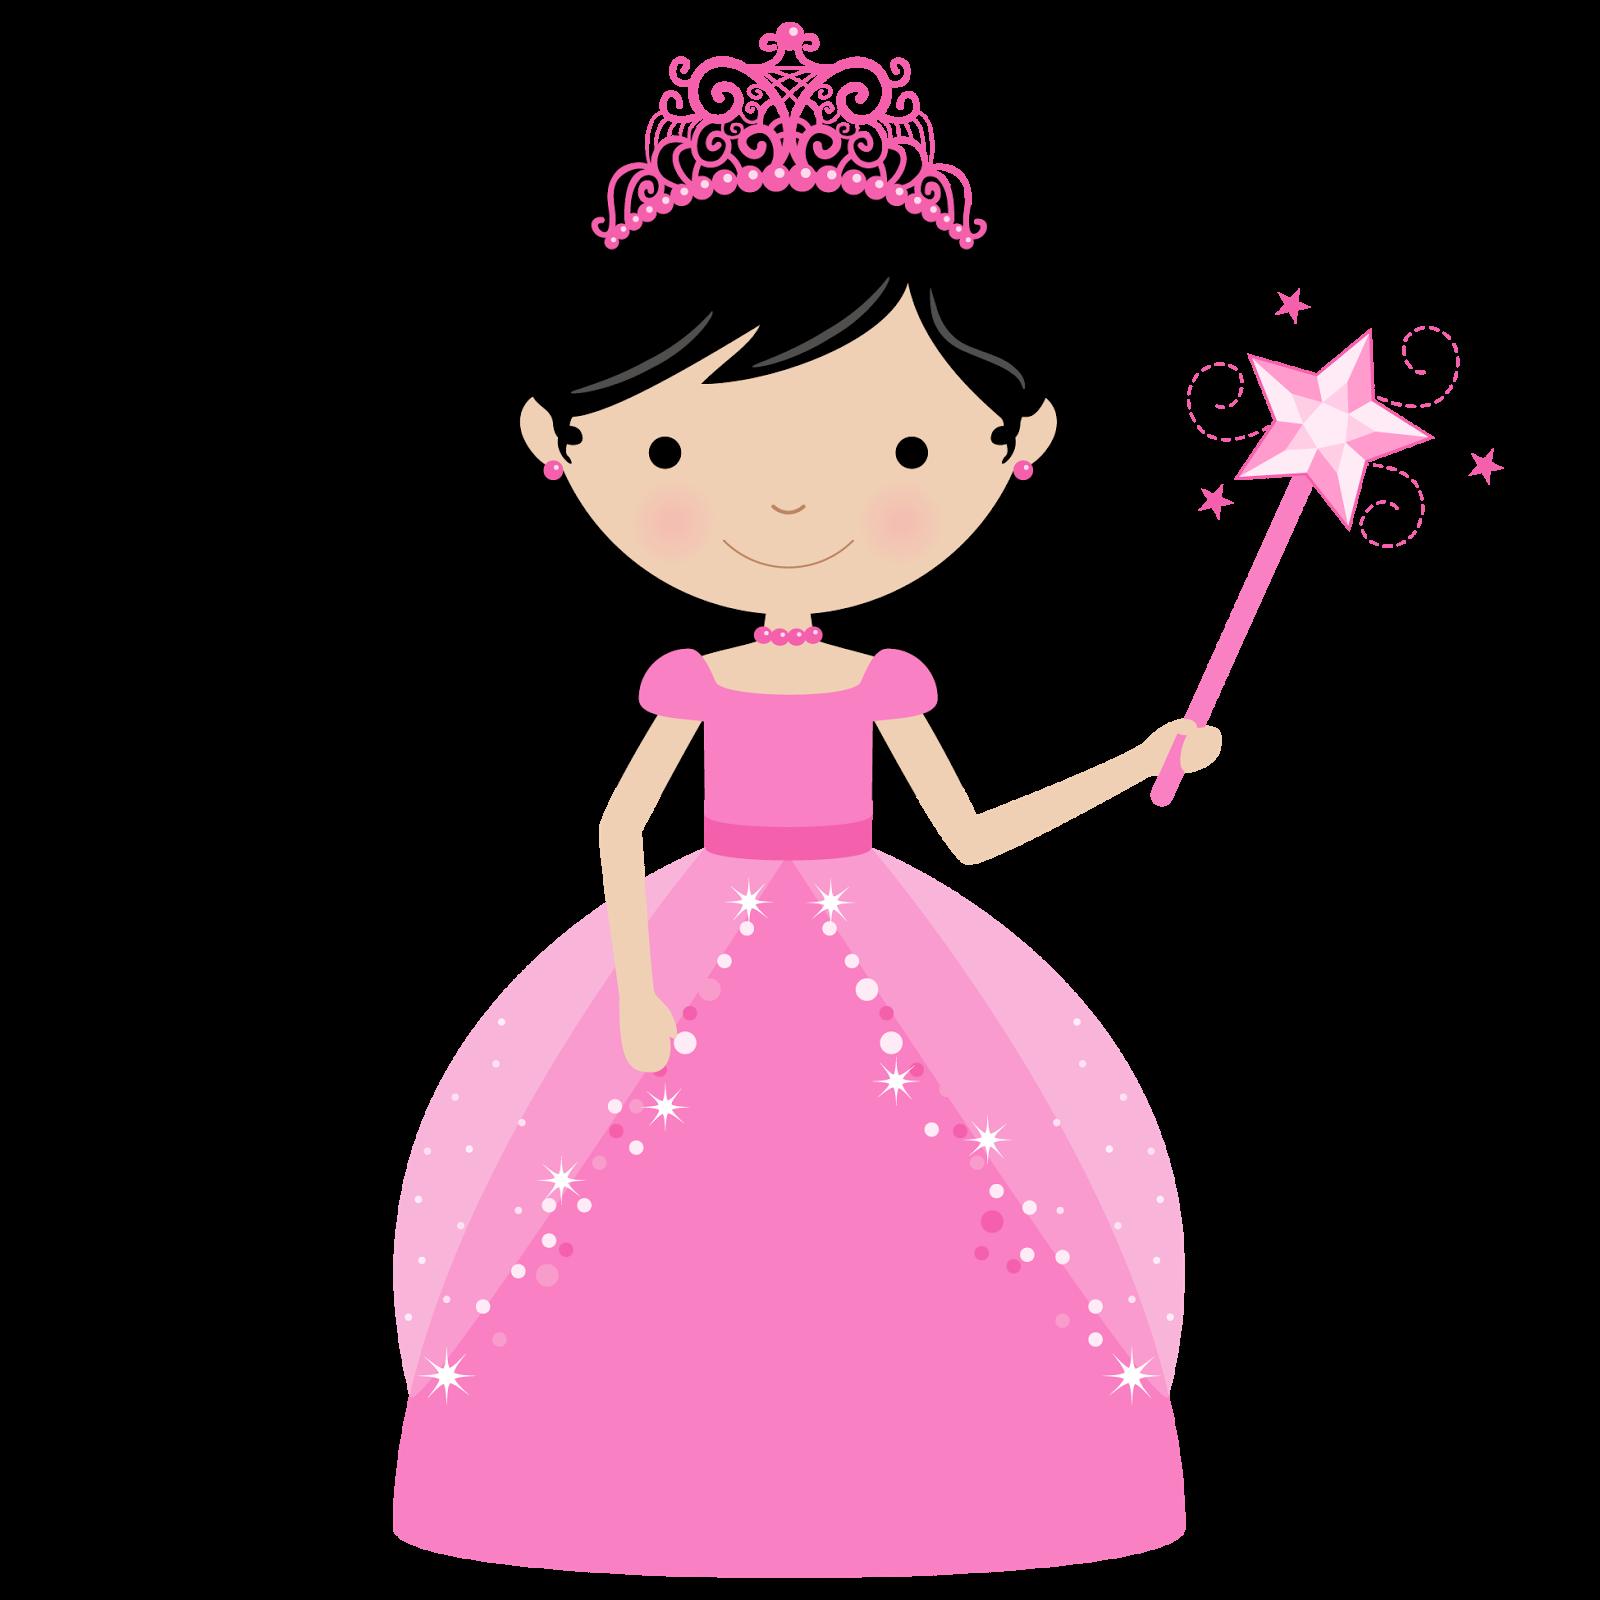 Sad clipart princess, Sad princess Transparent FREE for.